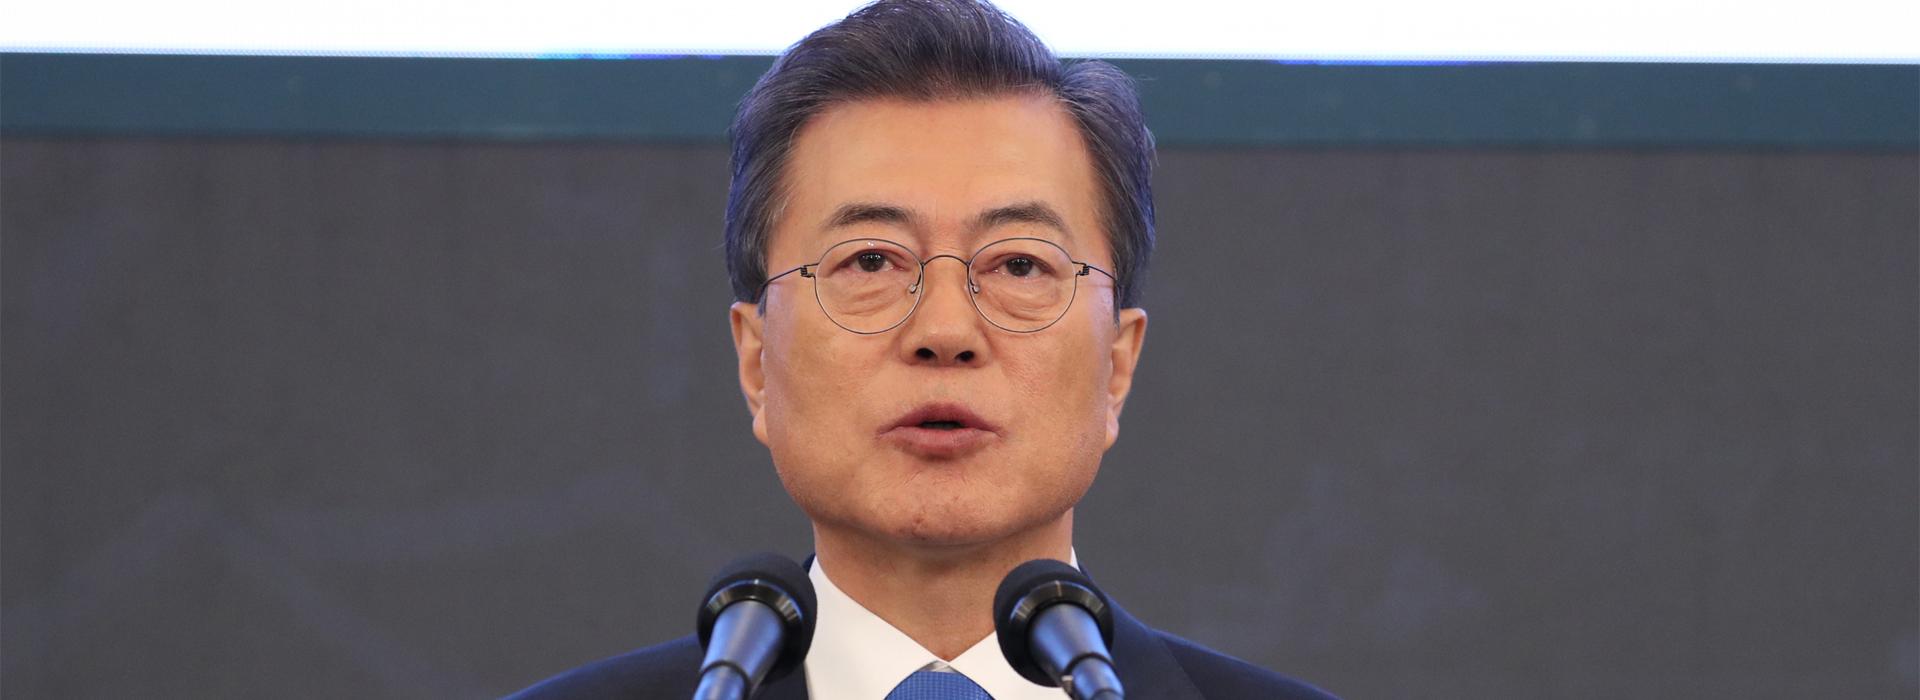 文在寅:北韓願棄核且不要求美從南韓撤軍